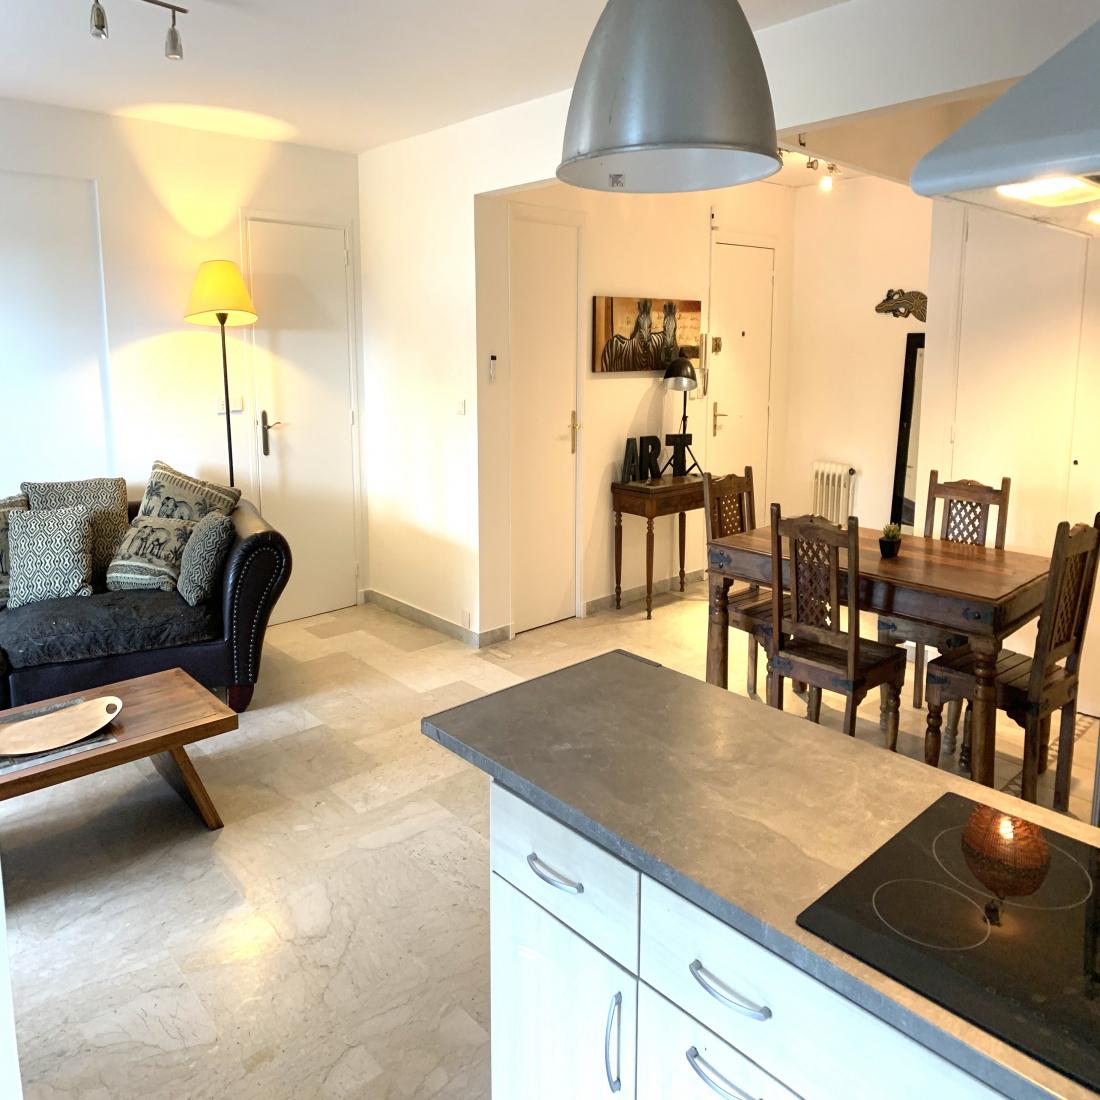 Salon De Jardin Americain vente exclusivite vieux cannet t3 de 88 m2 terrasse 60m2 rez